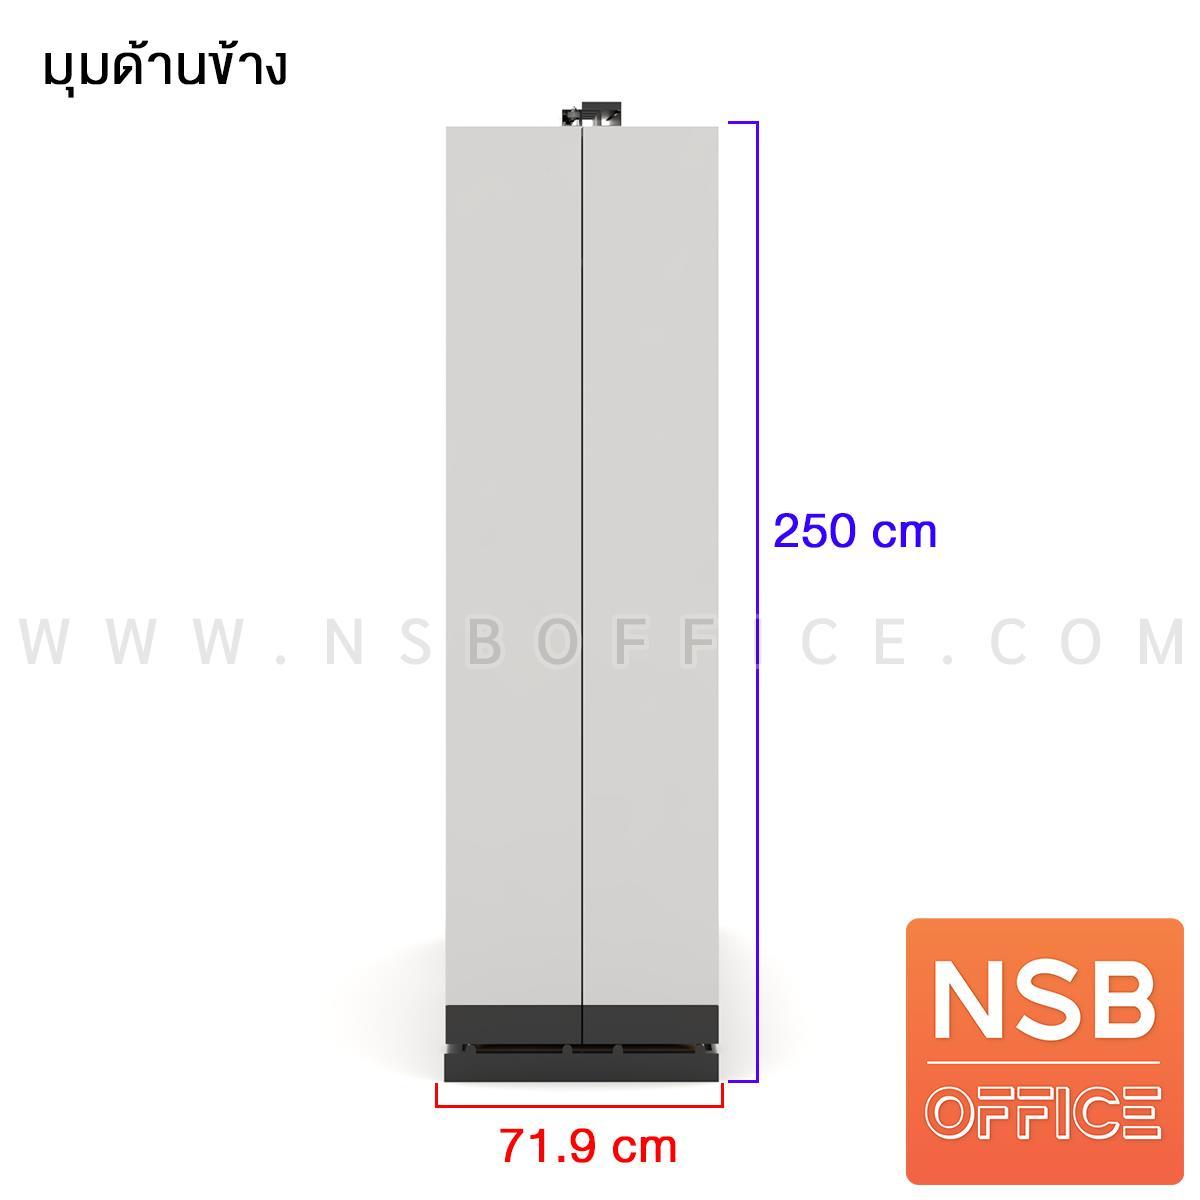 ตู้รางเลื่อนแนวขวางแบบเลื่อนข้าง   5 ,7, 9, 11 ตู้ ความกว้างของตู้เดี่ยว 121.7 ซม.  สำหรับแฟ้ม A4